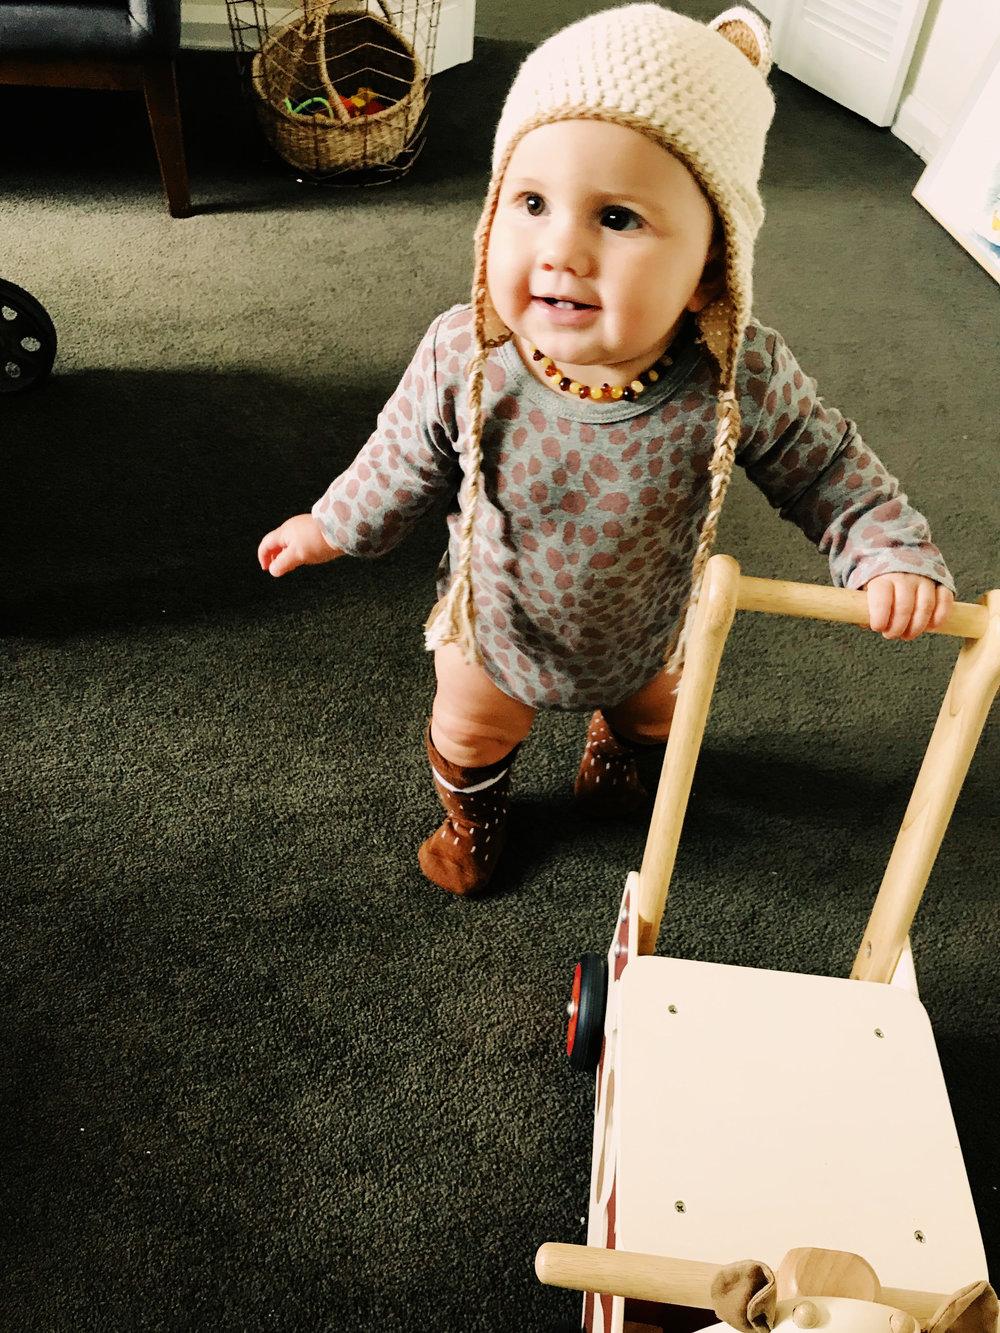 Faye 10months old vegan baby